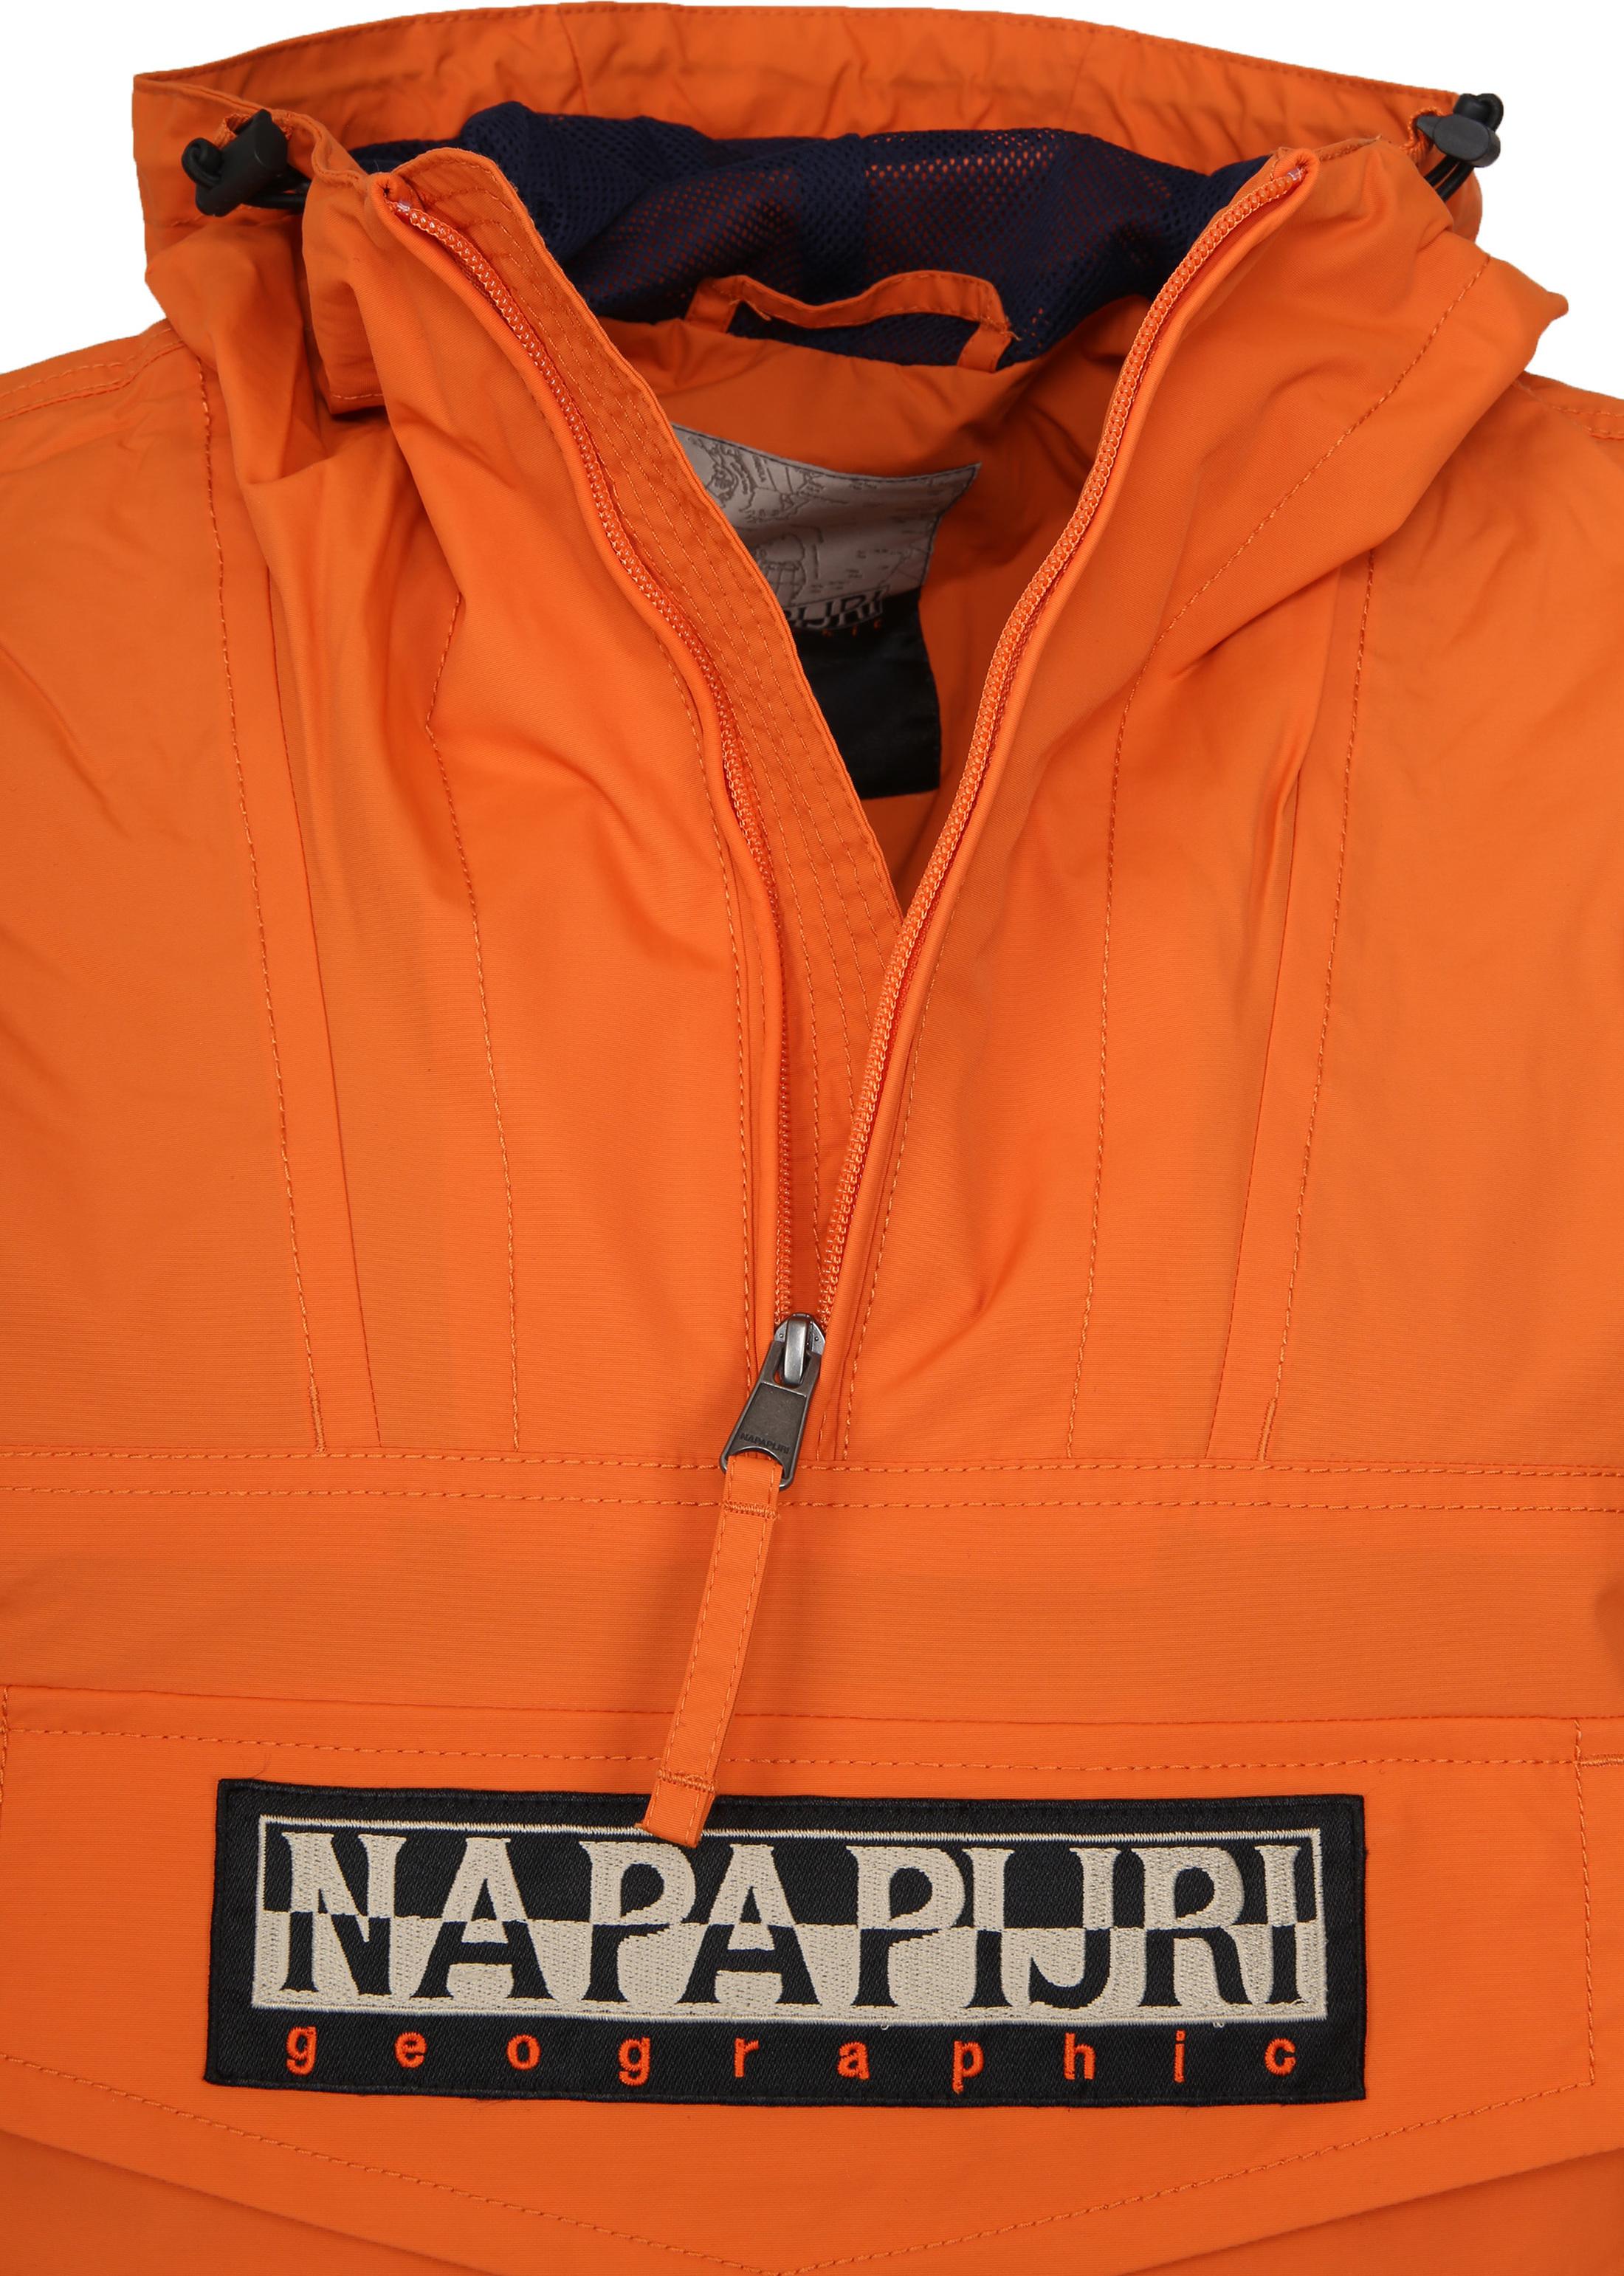 Napapijri Rainforest Summer Jacket Orange  foto 1